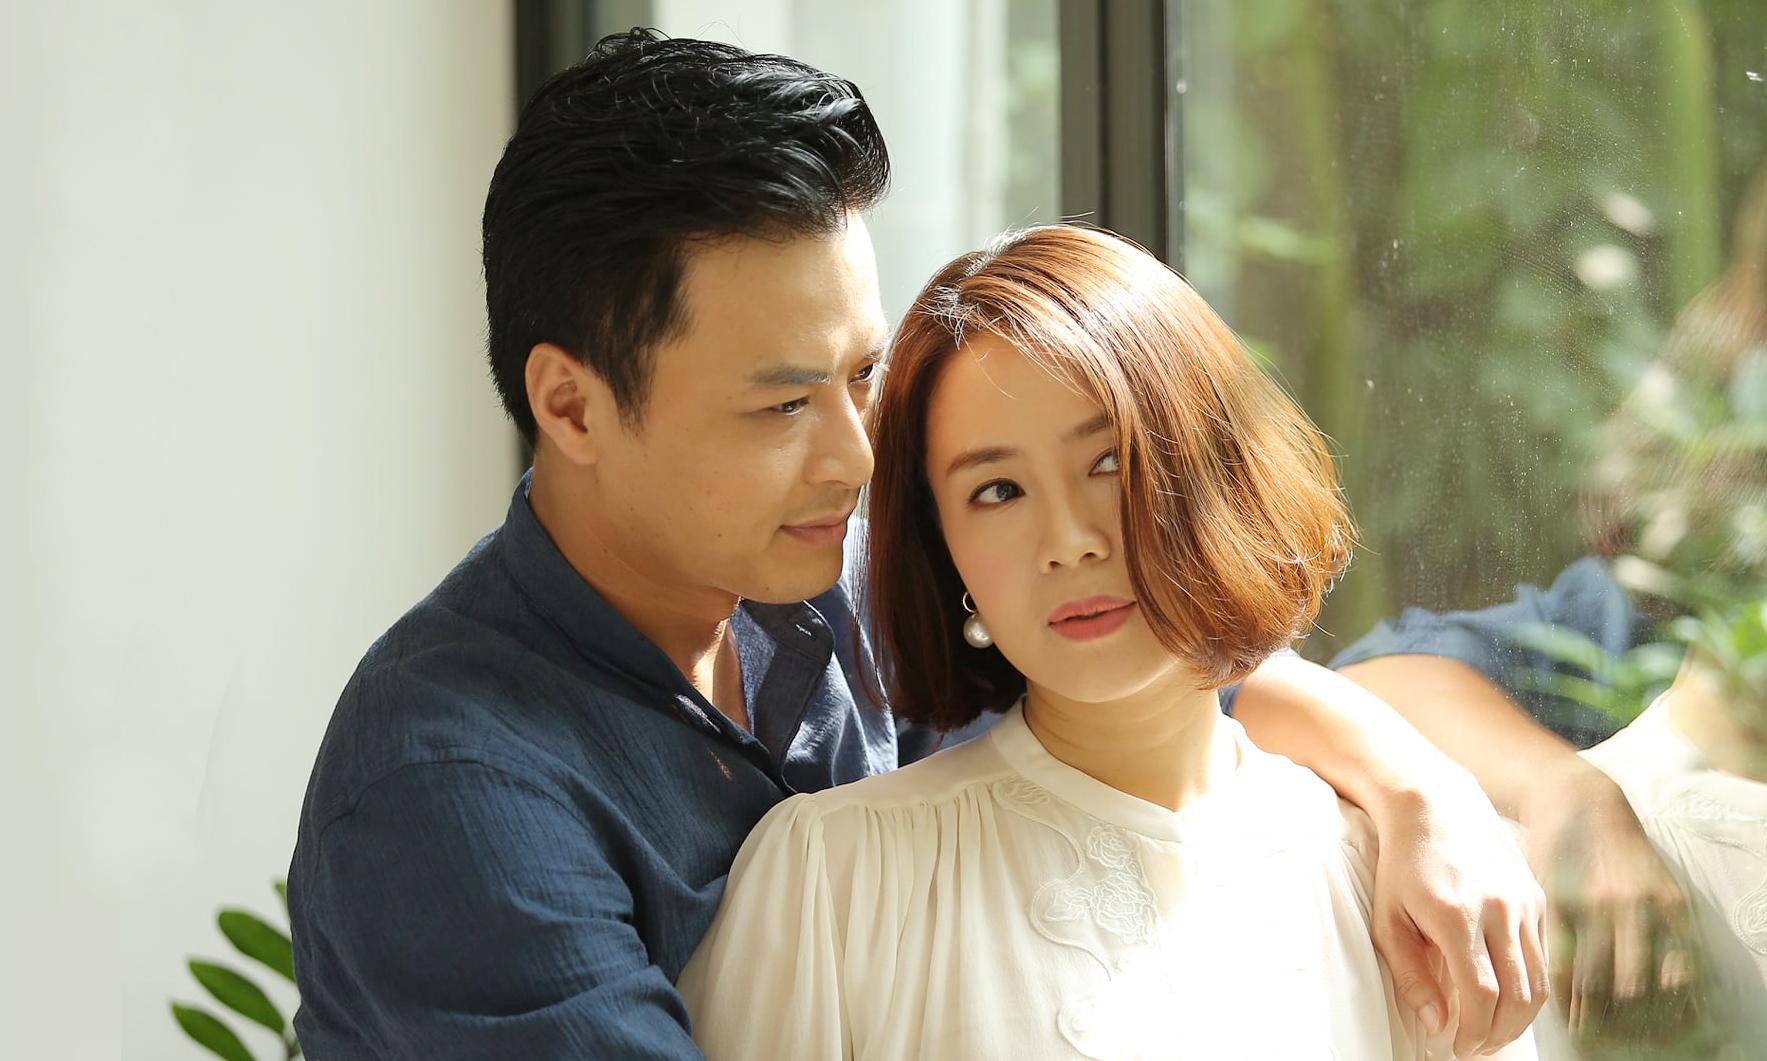 Nhiều khán giả mong tập cuối dành nhiều thời lượng hơn cho hai nhân vật Kiên (Hồng Đăng) và  Châu  (Hồng Diễm). Ảnh: VFC.